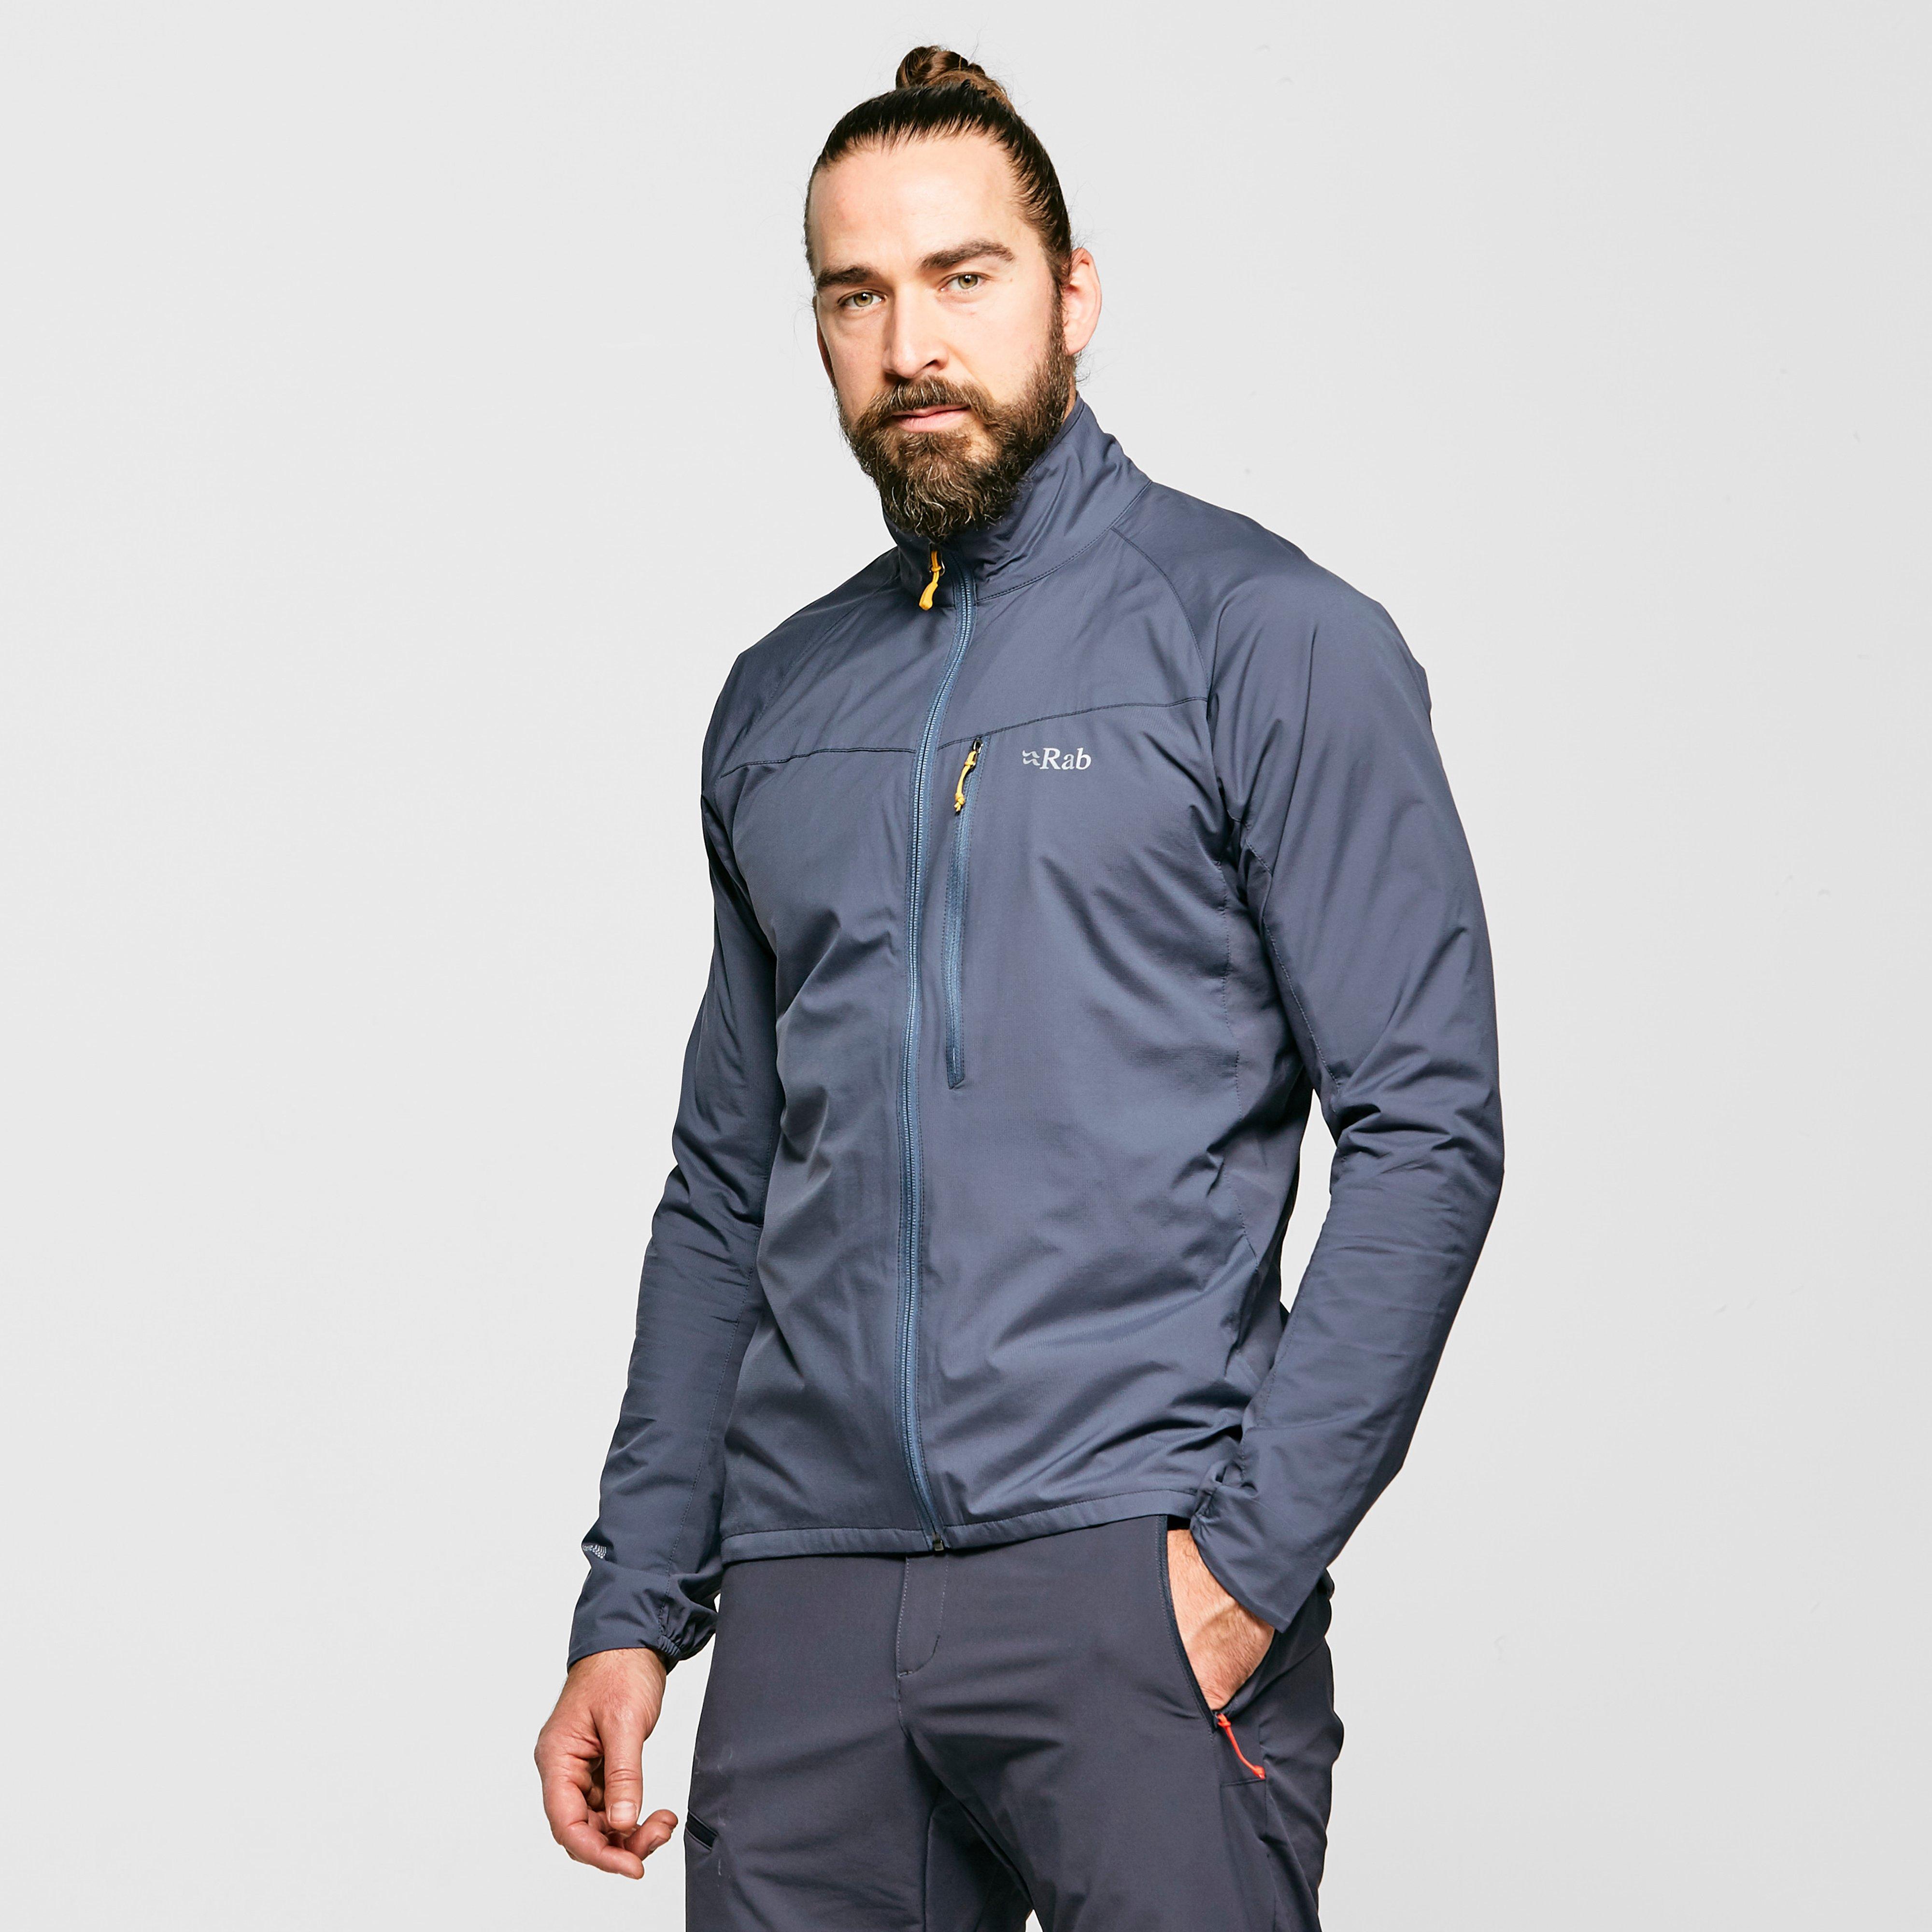 Rab Rab Mens Vapour-rise Flex Jacket - N/A, N/A